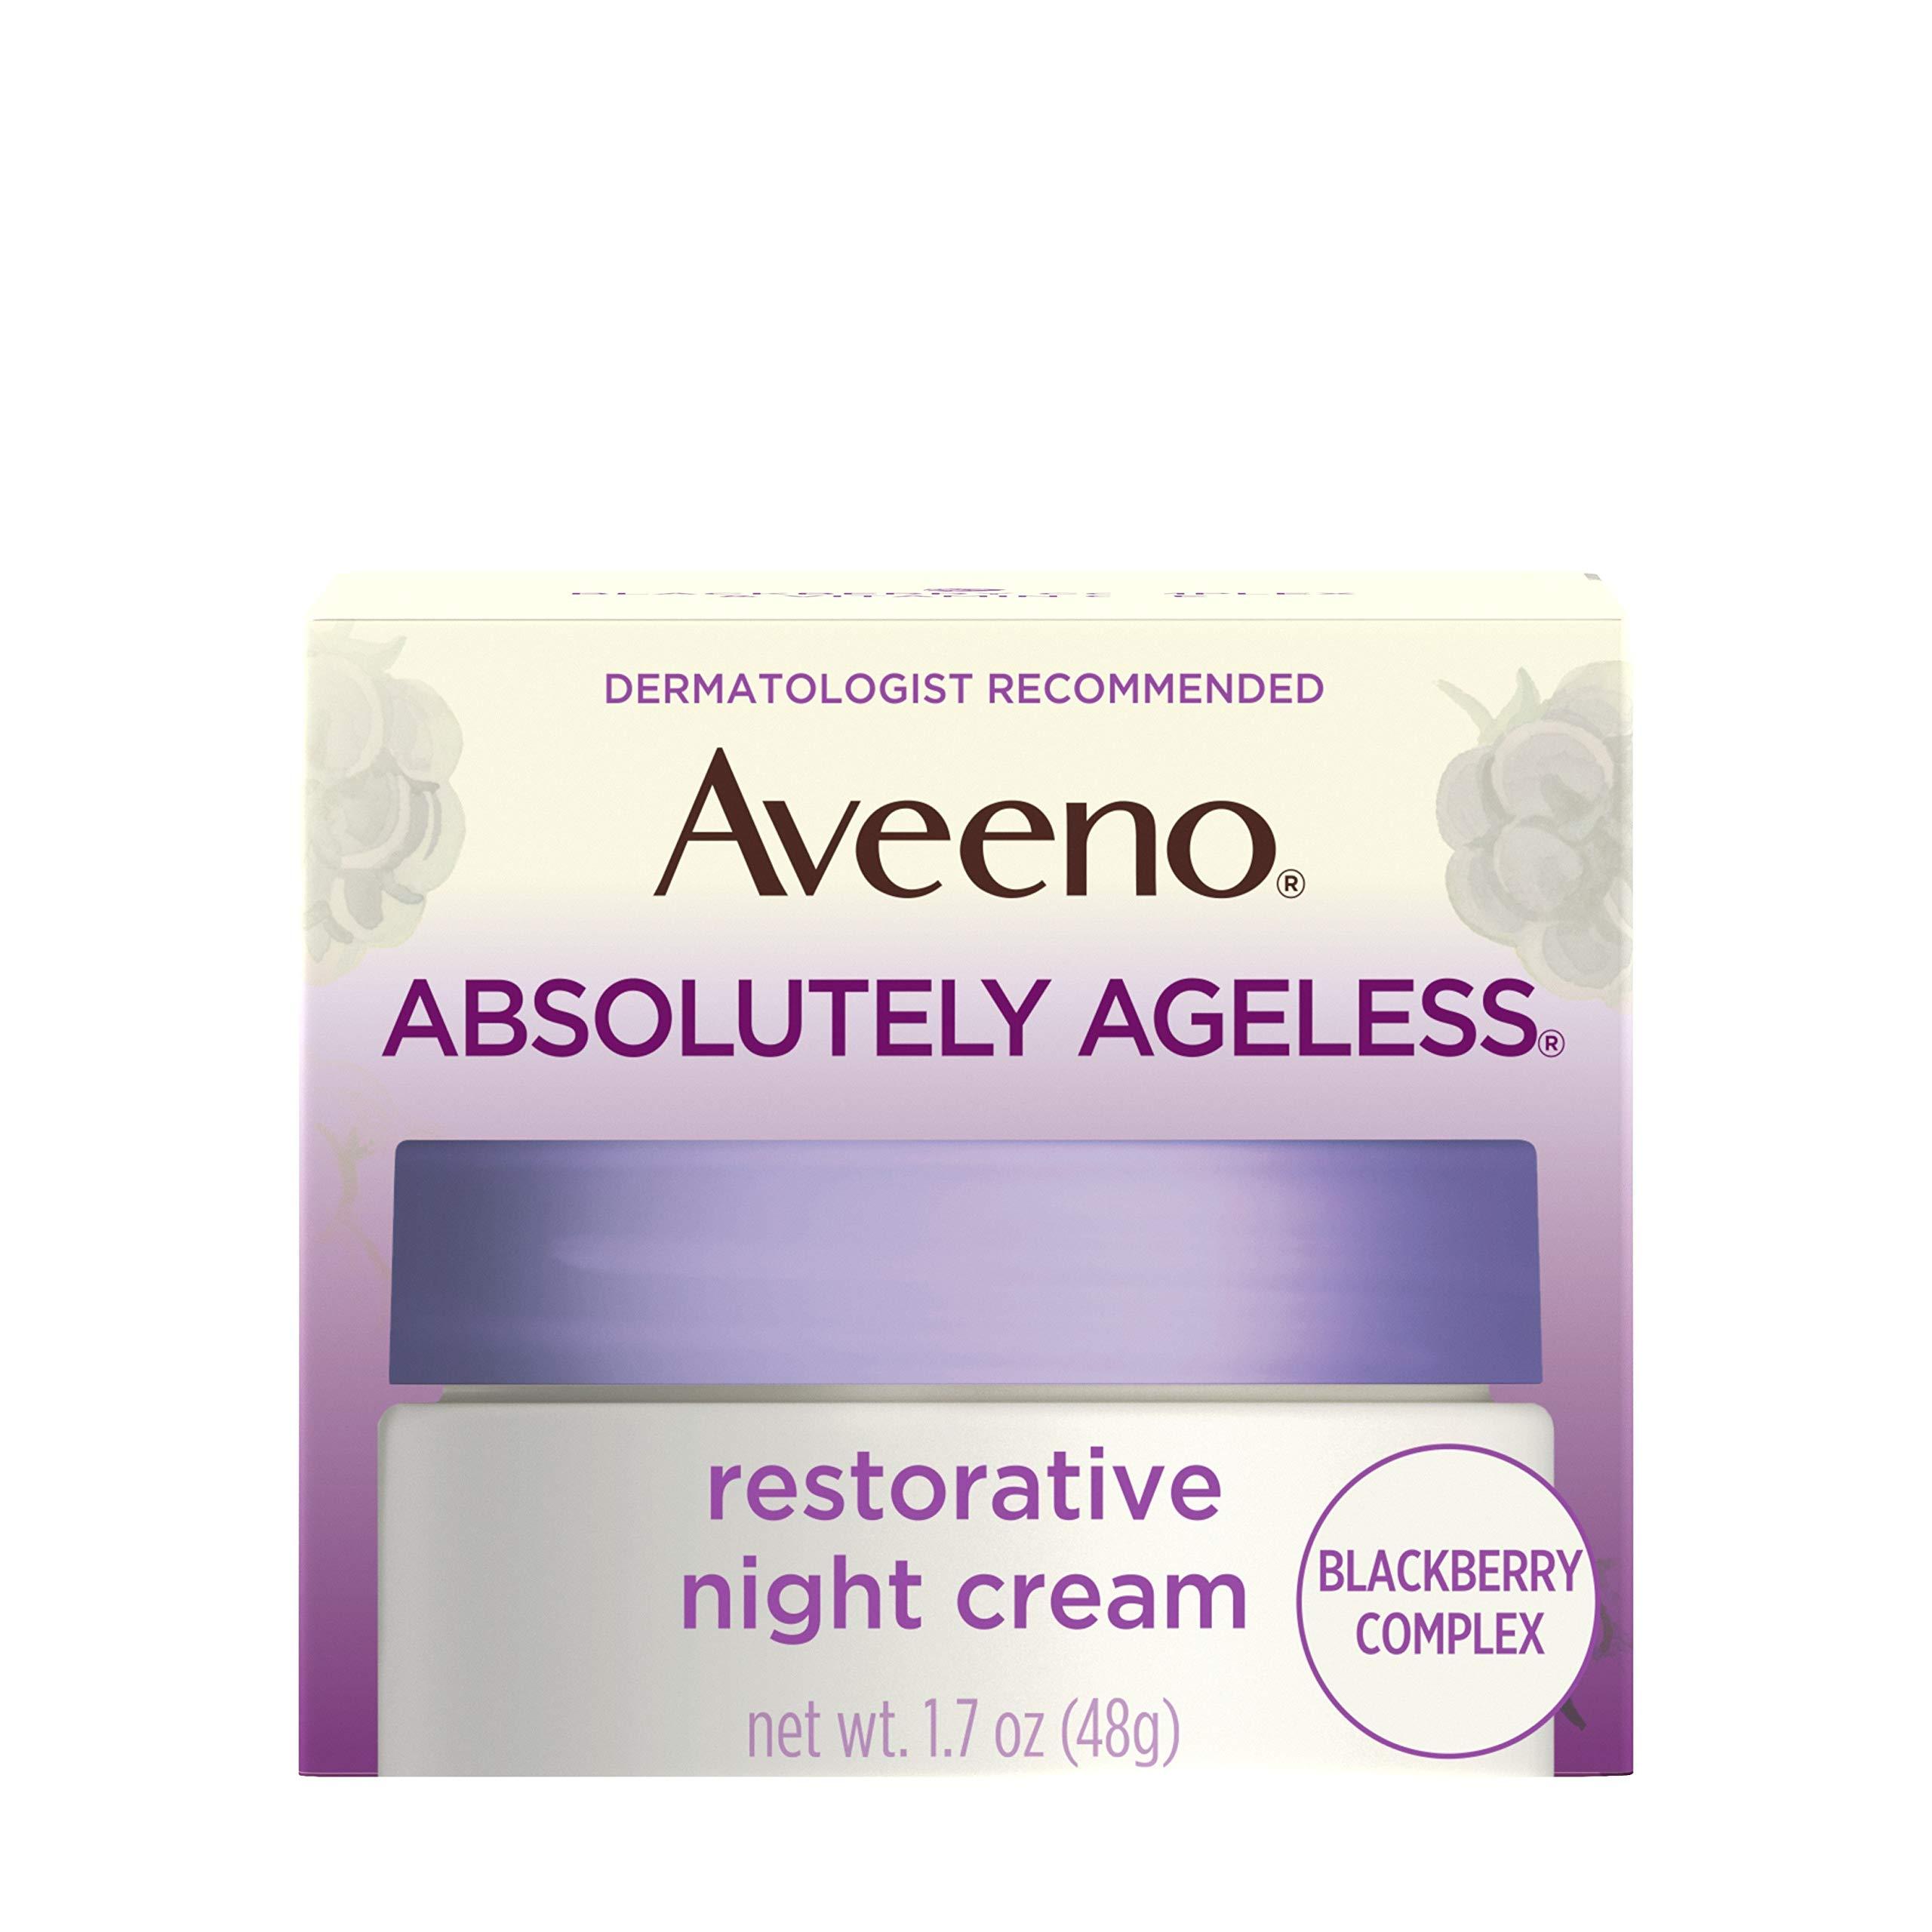 Aveeno Absolutely Ageless Restorative Night Cream Facial Moisturizer with Antioxidant-Rich Blackberry Complex, Vitamin C & E, Hypoallergenic, Non-Greasy & Non-Comedogenic, 1.7 fl. oz by Aveeno